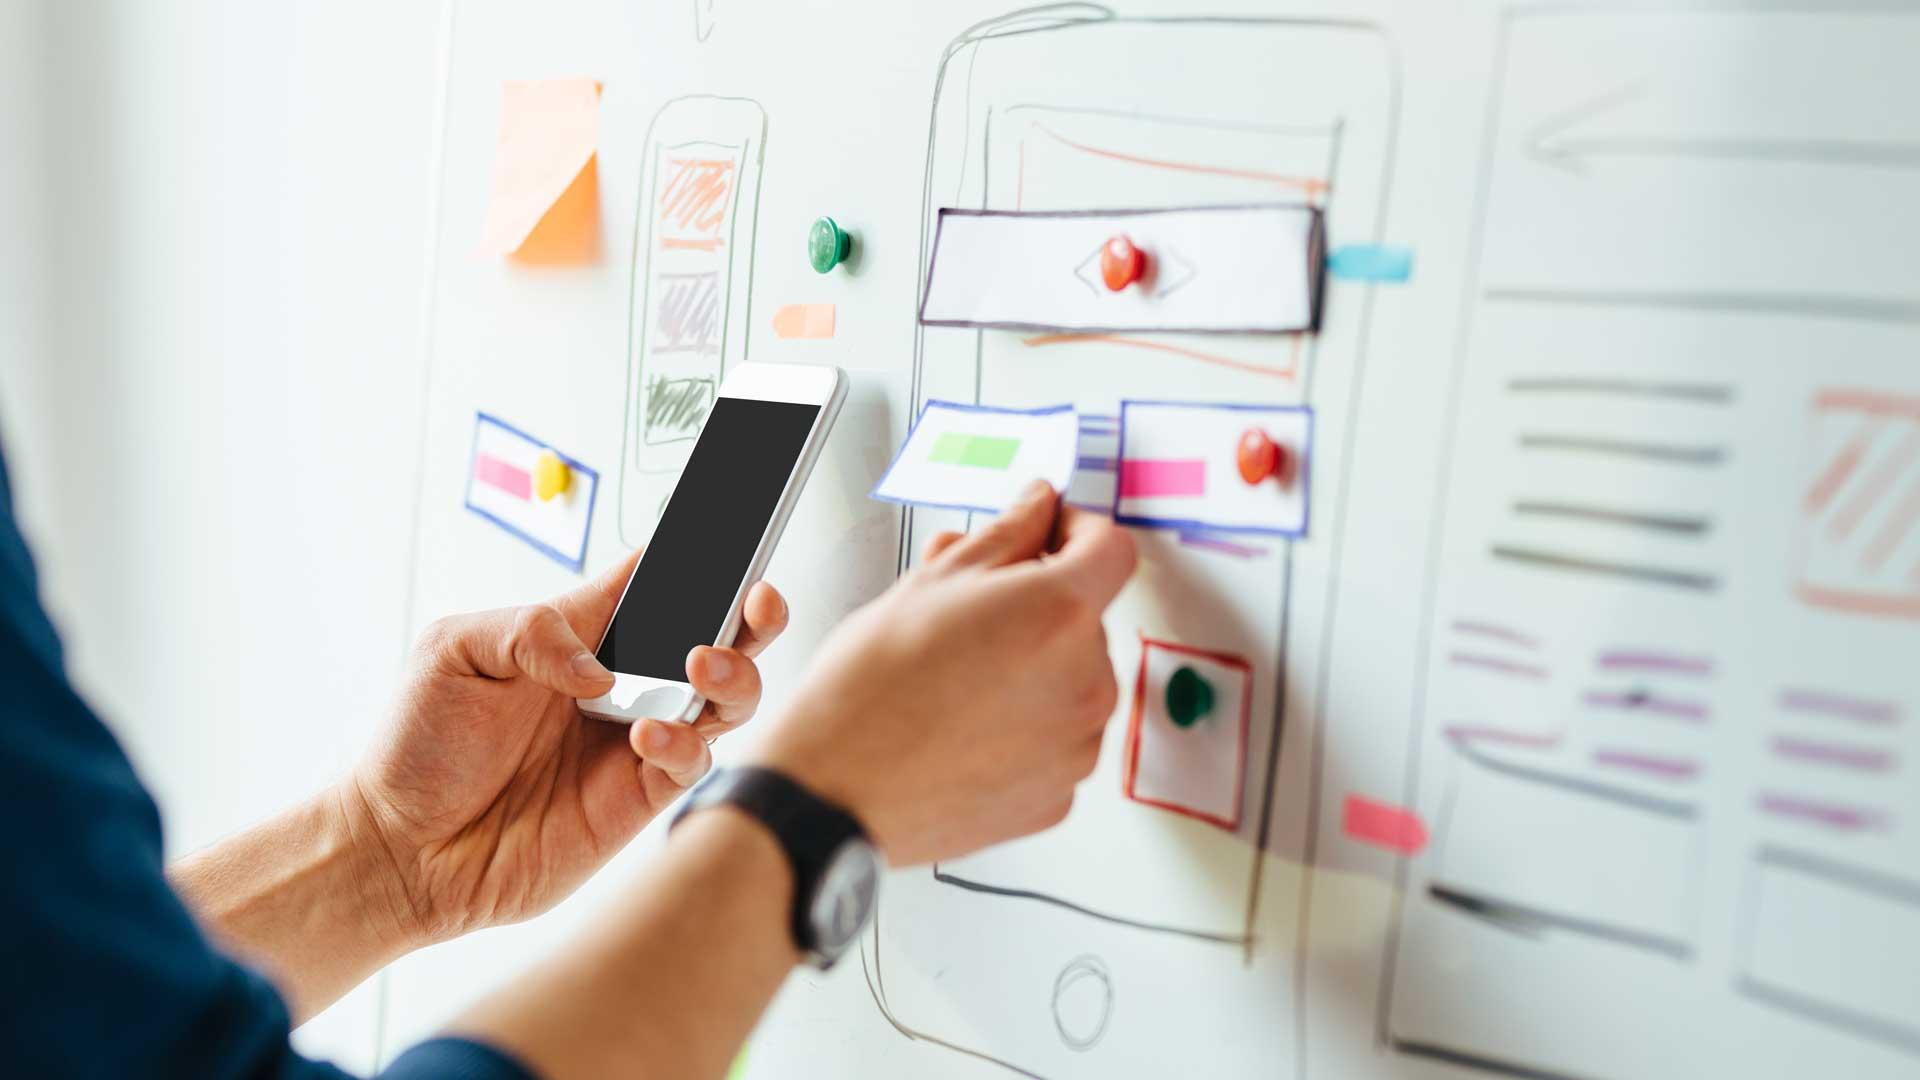 Разработка мобильных приложений в Ставрополе